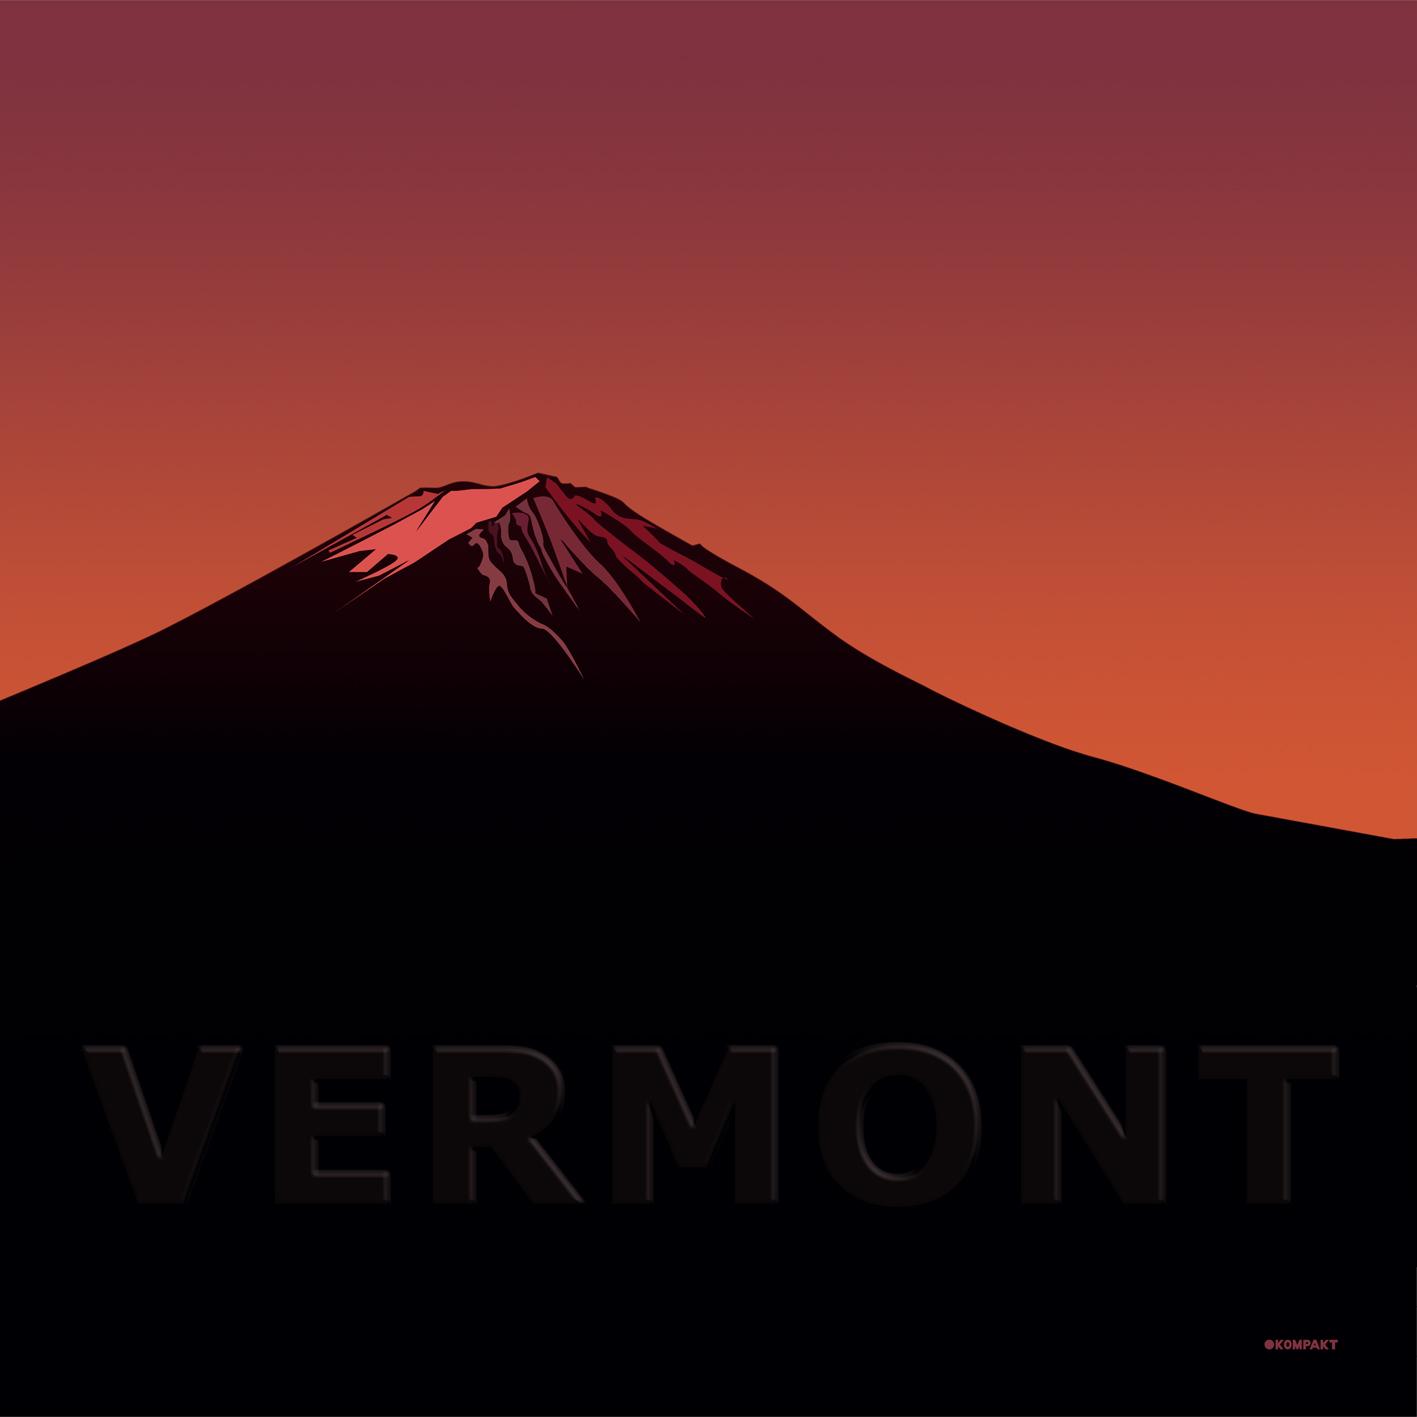 Vermont: neues Projekt von Marcus Worgull & Danilo Plessow